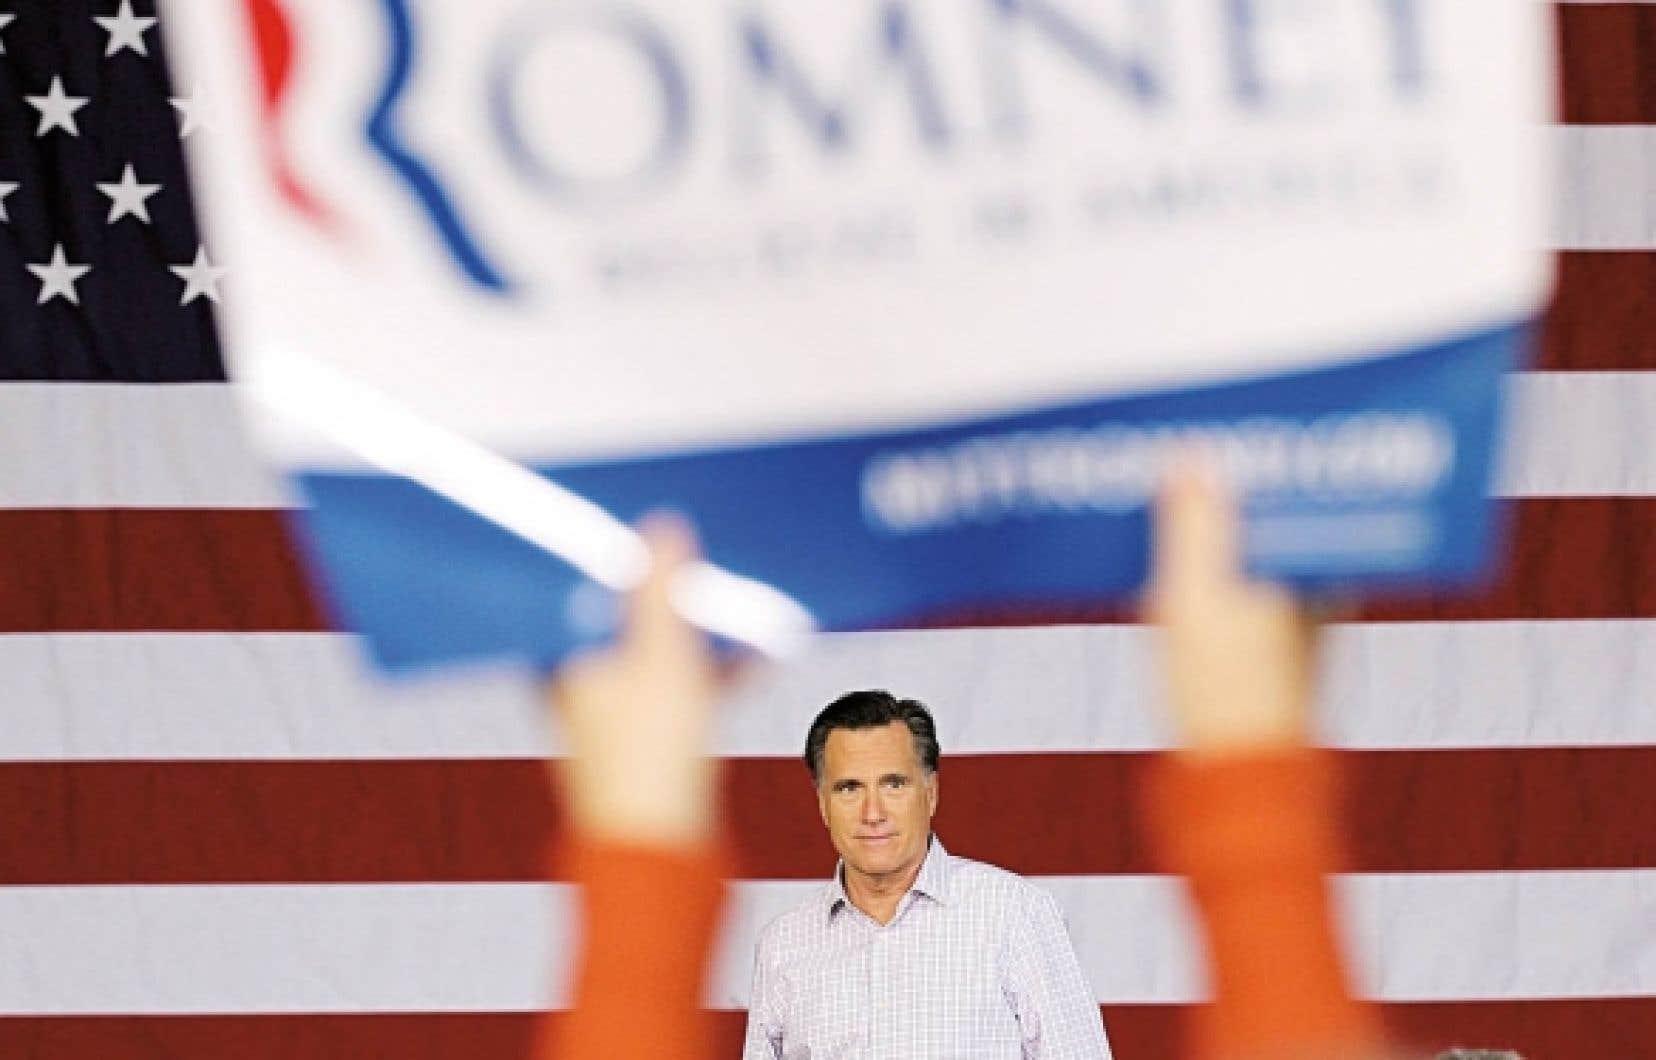 L'Ohio est un État pivot depuis plusieurs élections présidentielles. La preuve est que Mitt Romney, qui a décidé de ne faire de publicité dans aucun autre des États du Super Tuesday, a choisi d'y investir 1,2 million de dollars.